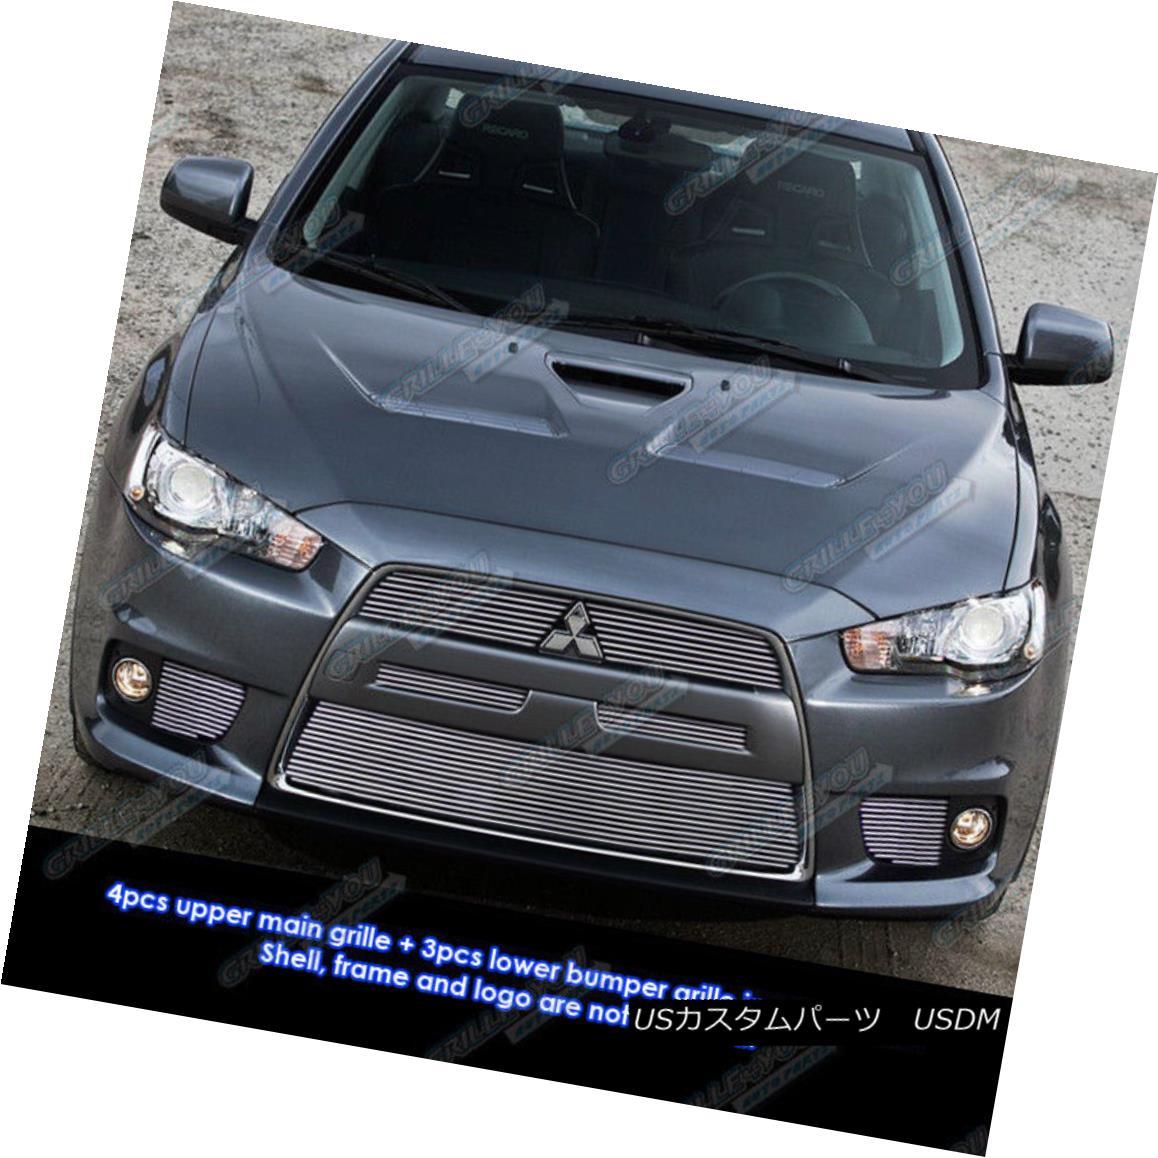 グリル Custom Fits 10-11 Mitsubishi Lancer Evolution Billet Grill Combo カスタムフィット10-11三菱ランサーエボリューションビレットグリルコンボ